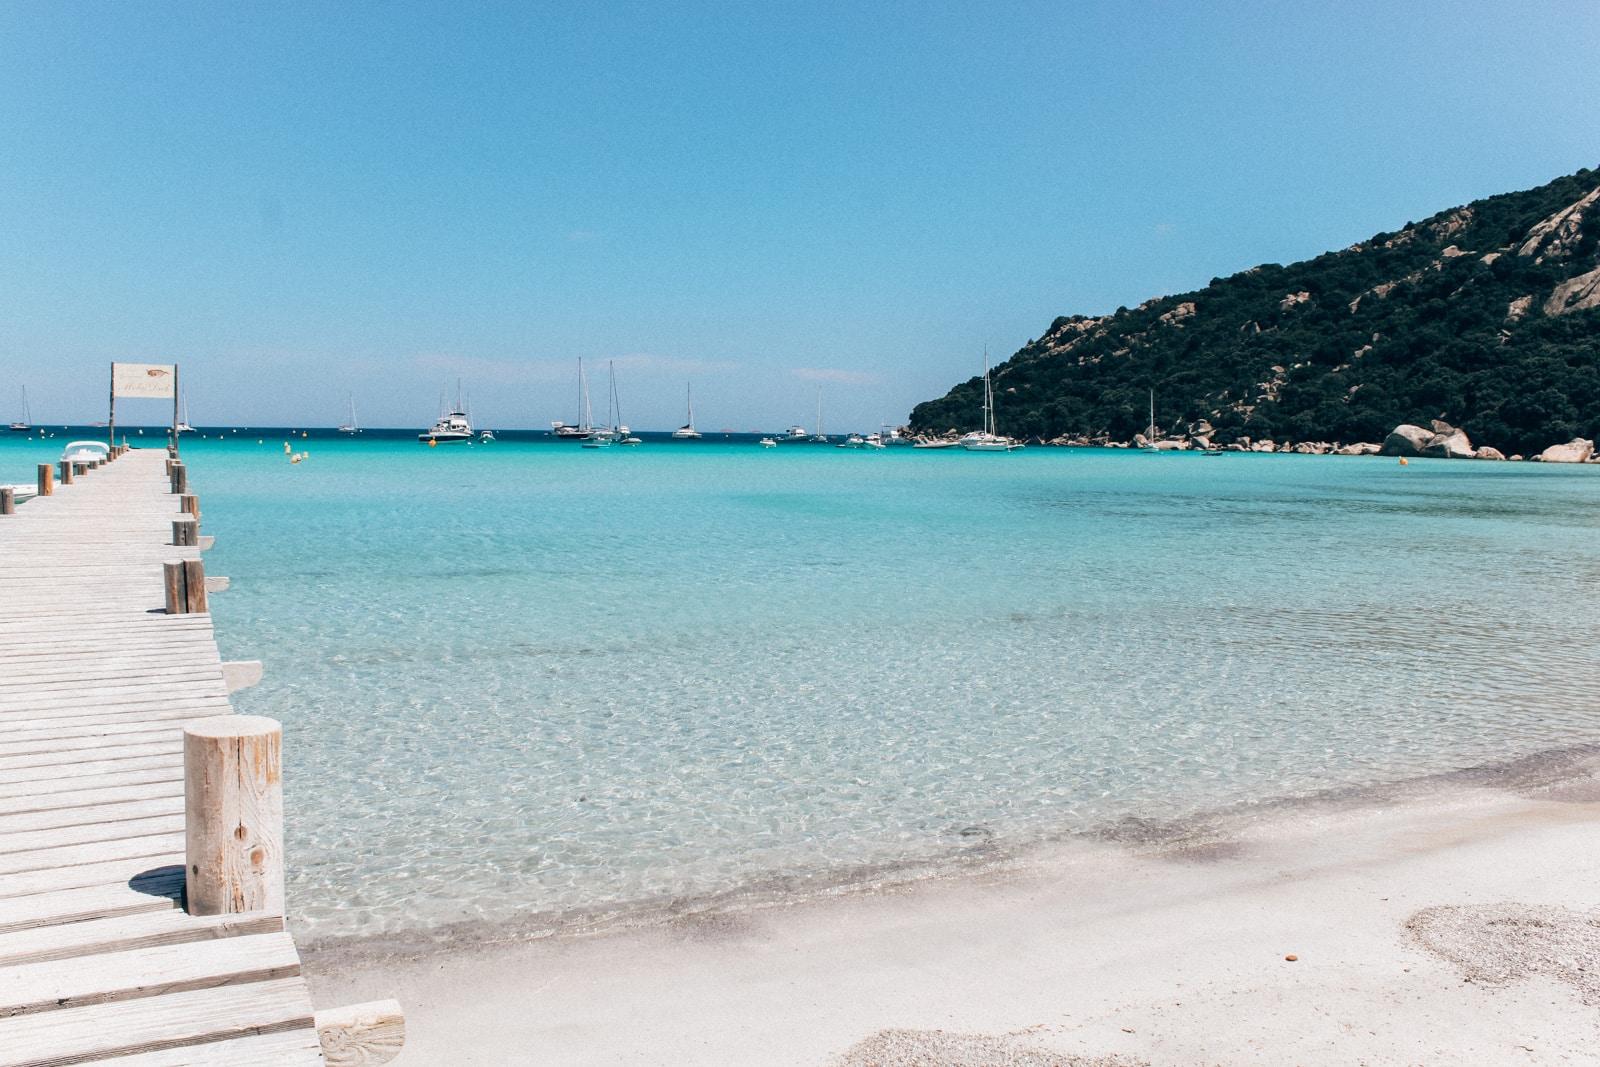 IMG 2125 - Corse du sud : Mes conseils, choses à voir, adresses...